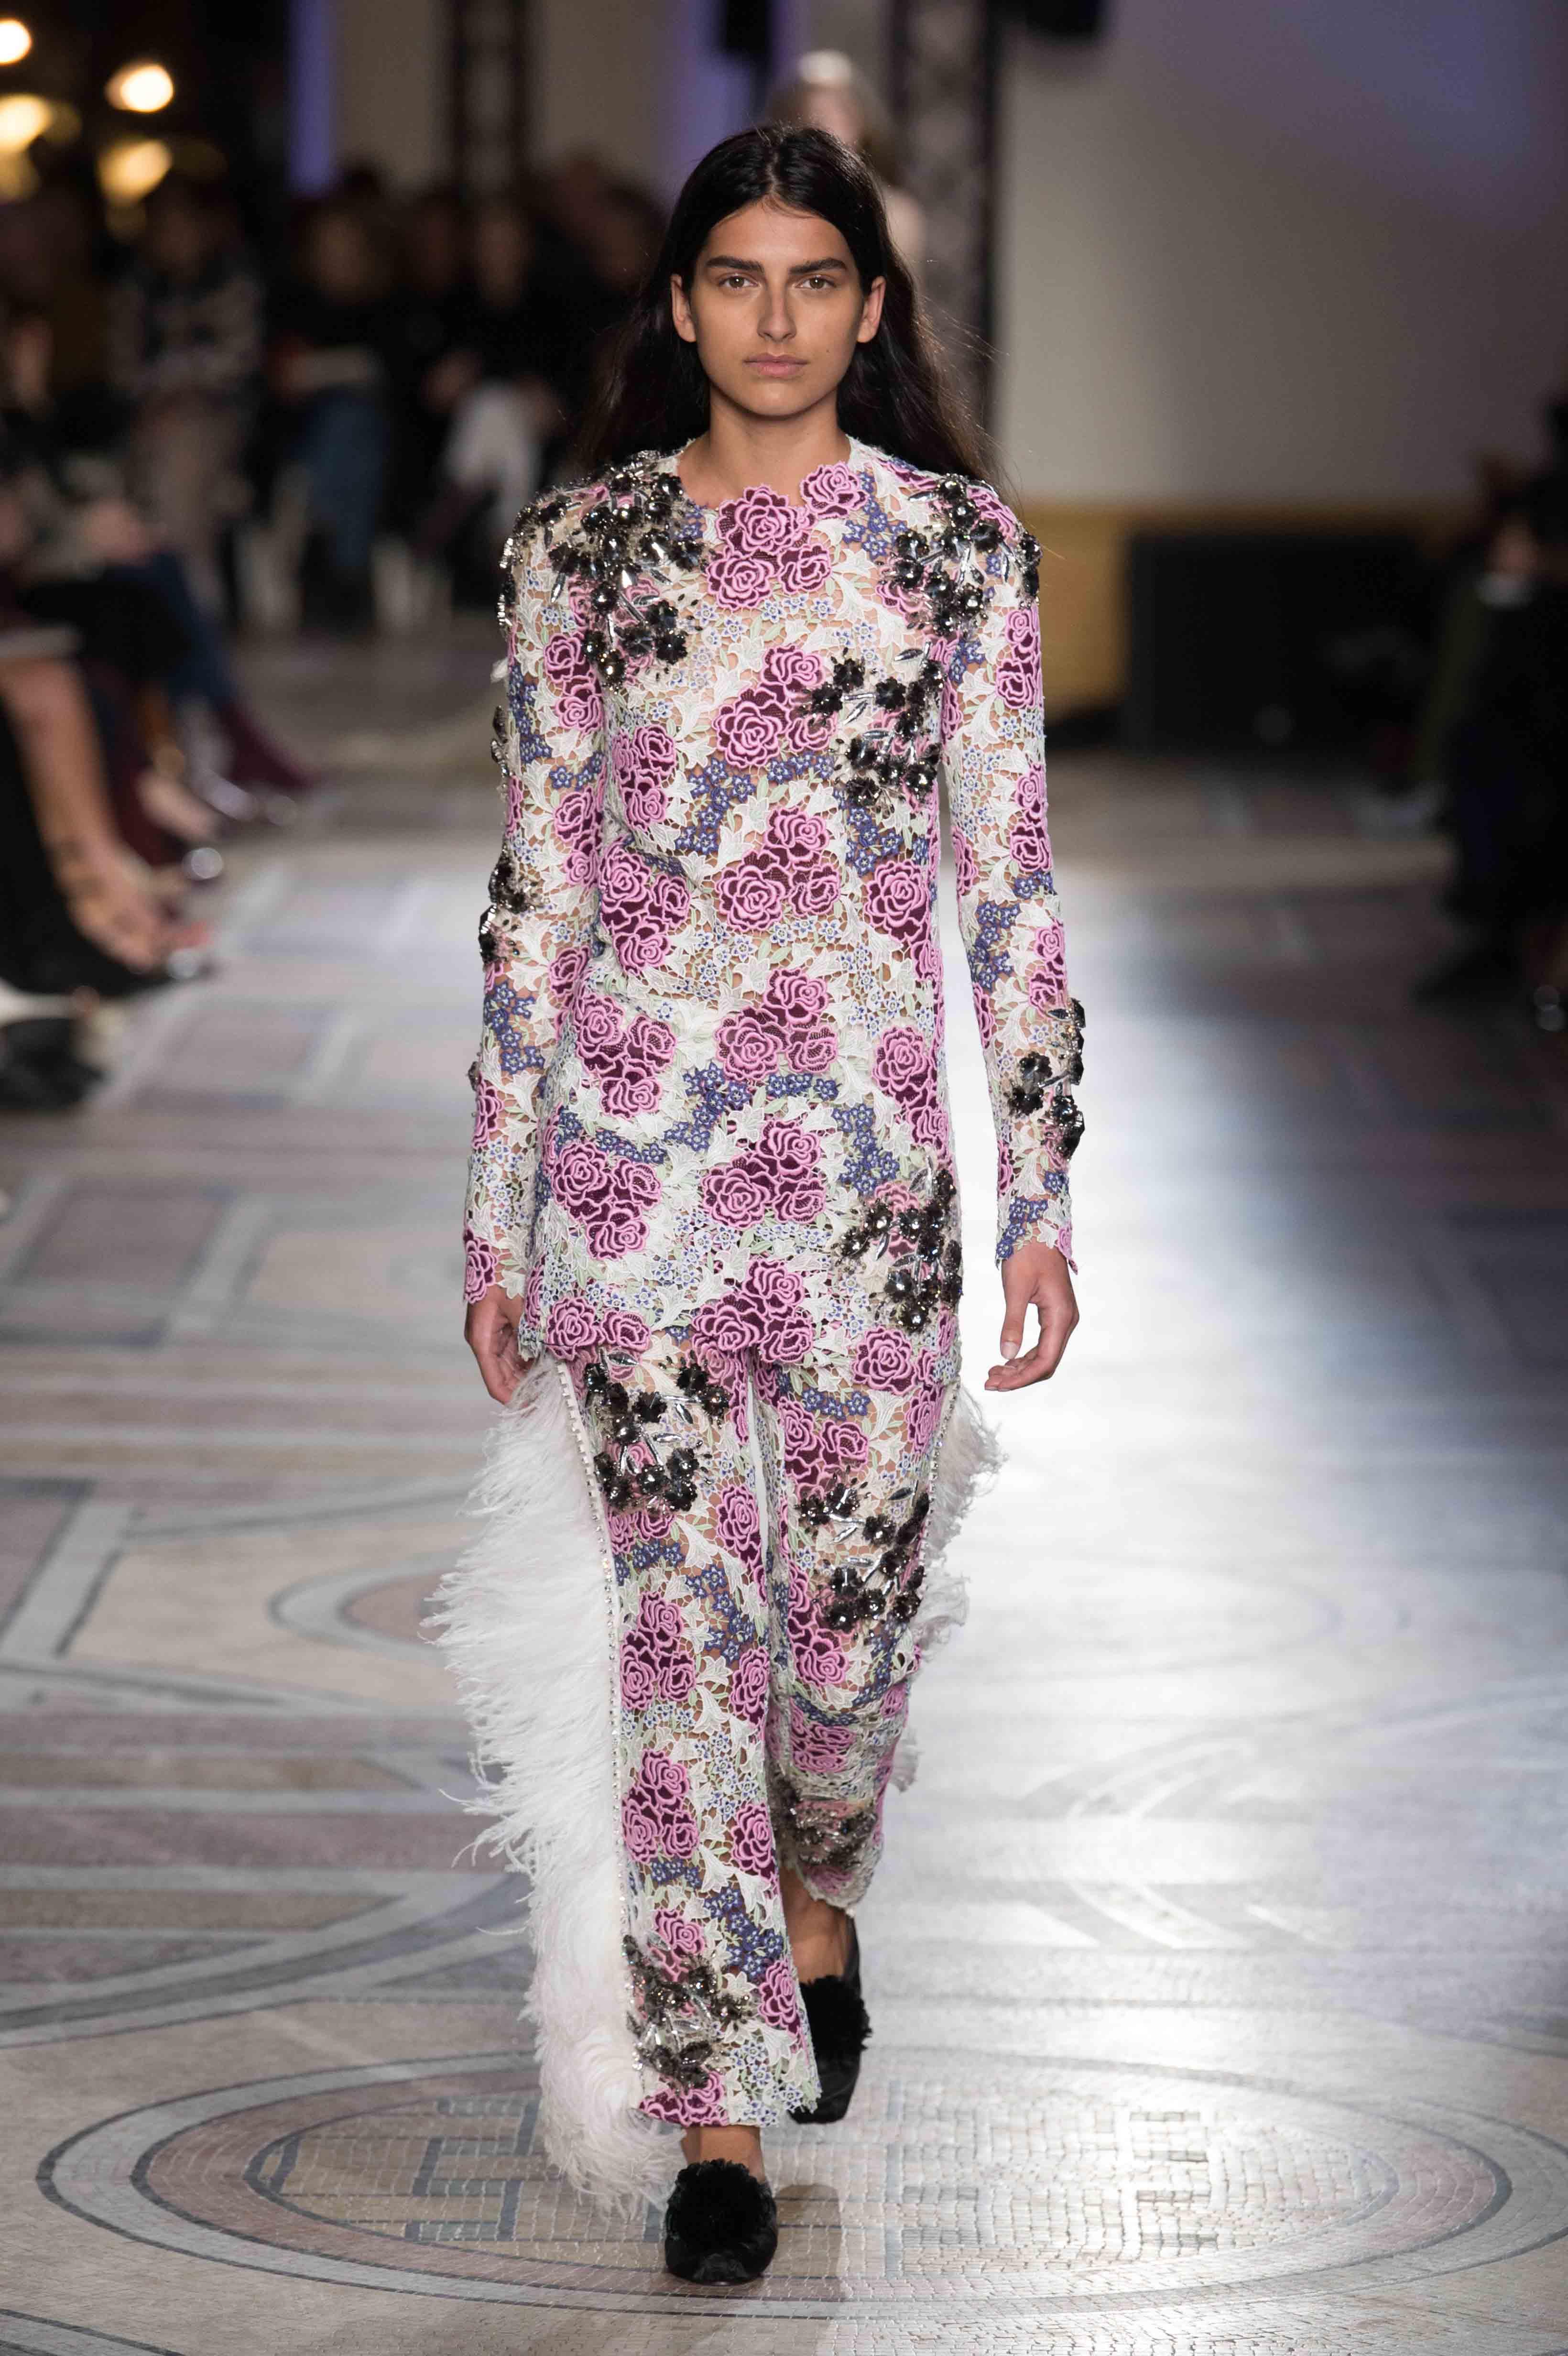 Giambattista Valli couture spring-summer 2018 fashion show